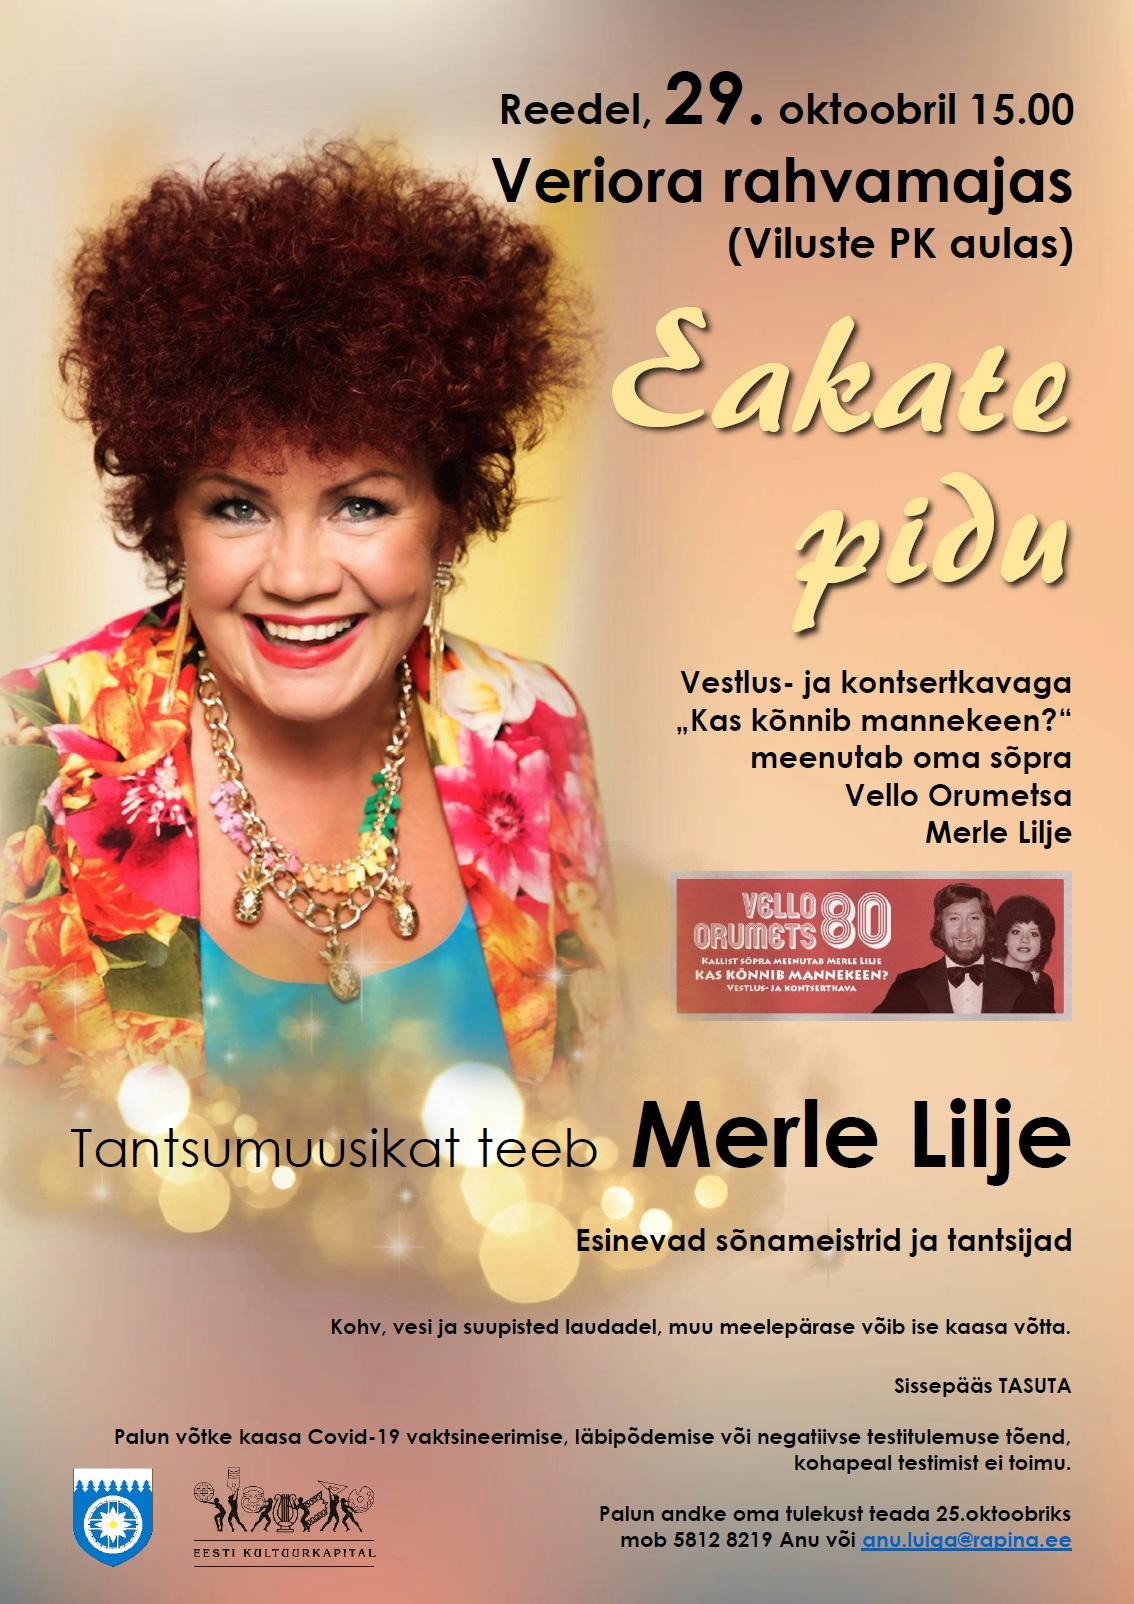 Räpina valla eakate pidu @ Viluste PK aula/Veriora rahvamaja | Viluste | Põlva maakond | Eesti